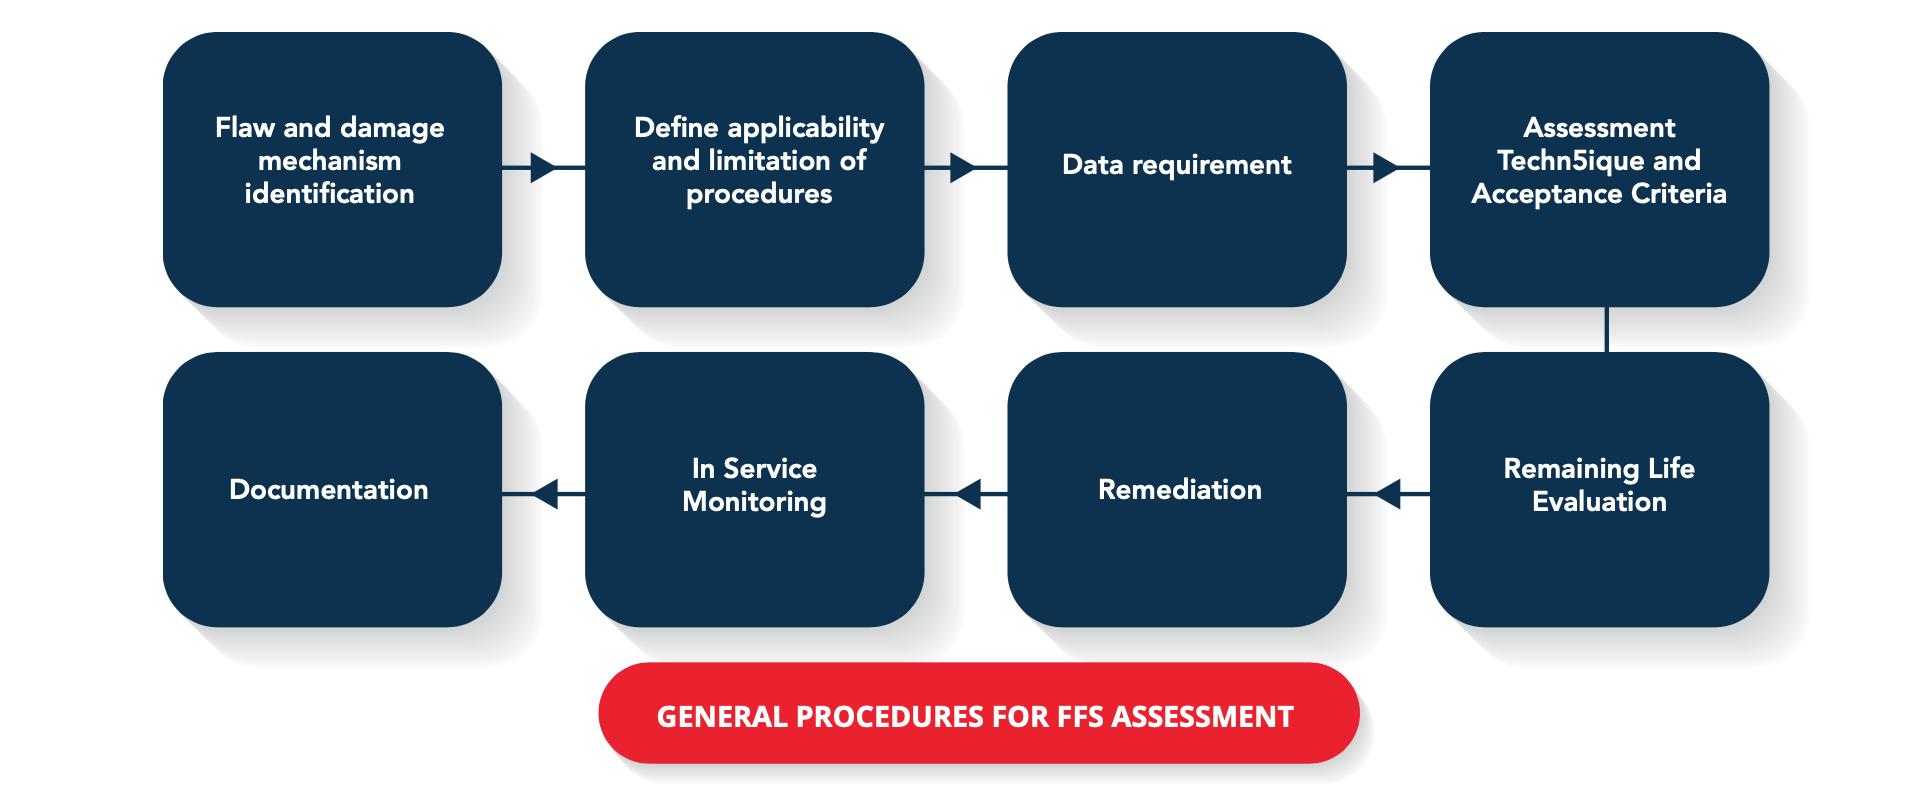 exen-general-procedures-ffs